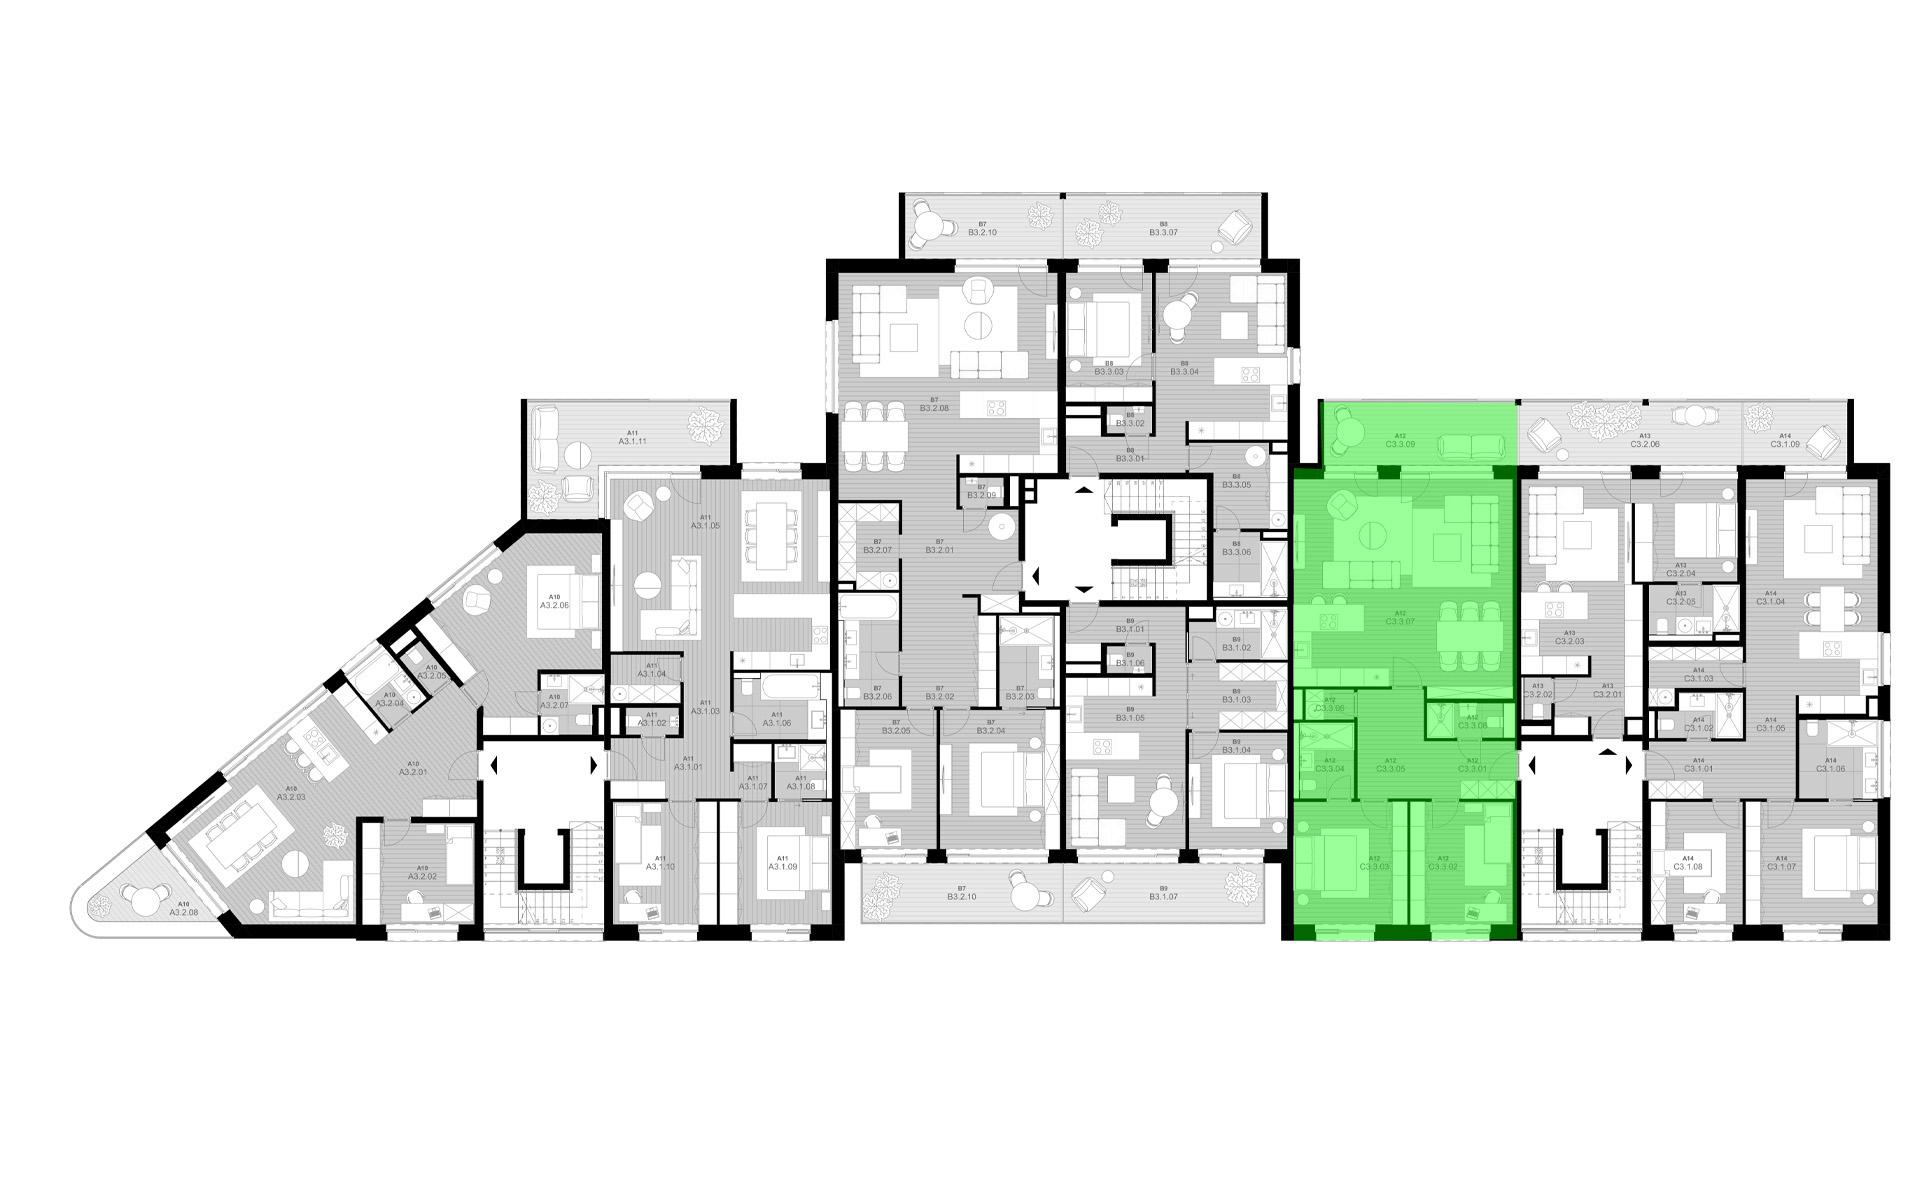 rezidencia K Železnej Studienke - pôdorys so zvýraznením apartmánu C3.3